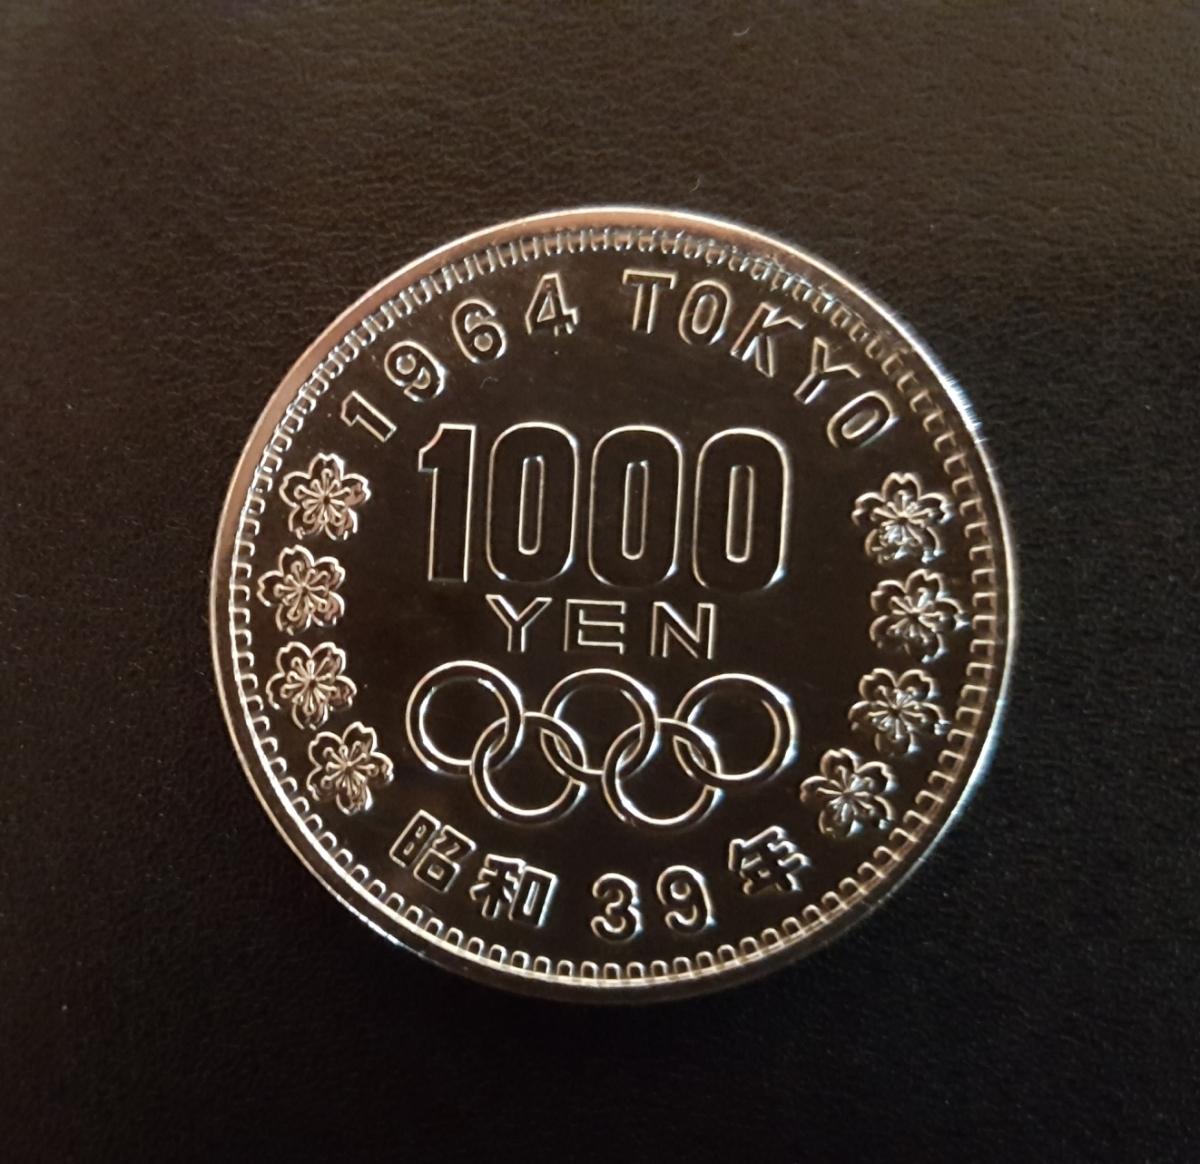 東京オリンピック1000円銀貨 東京五輪 記念硬貨 AAA級(最上位レベル)品位 BB20 1000円スタート!_画像3